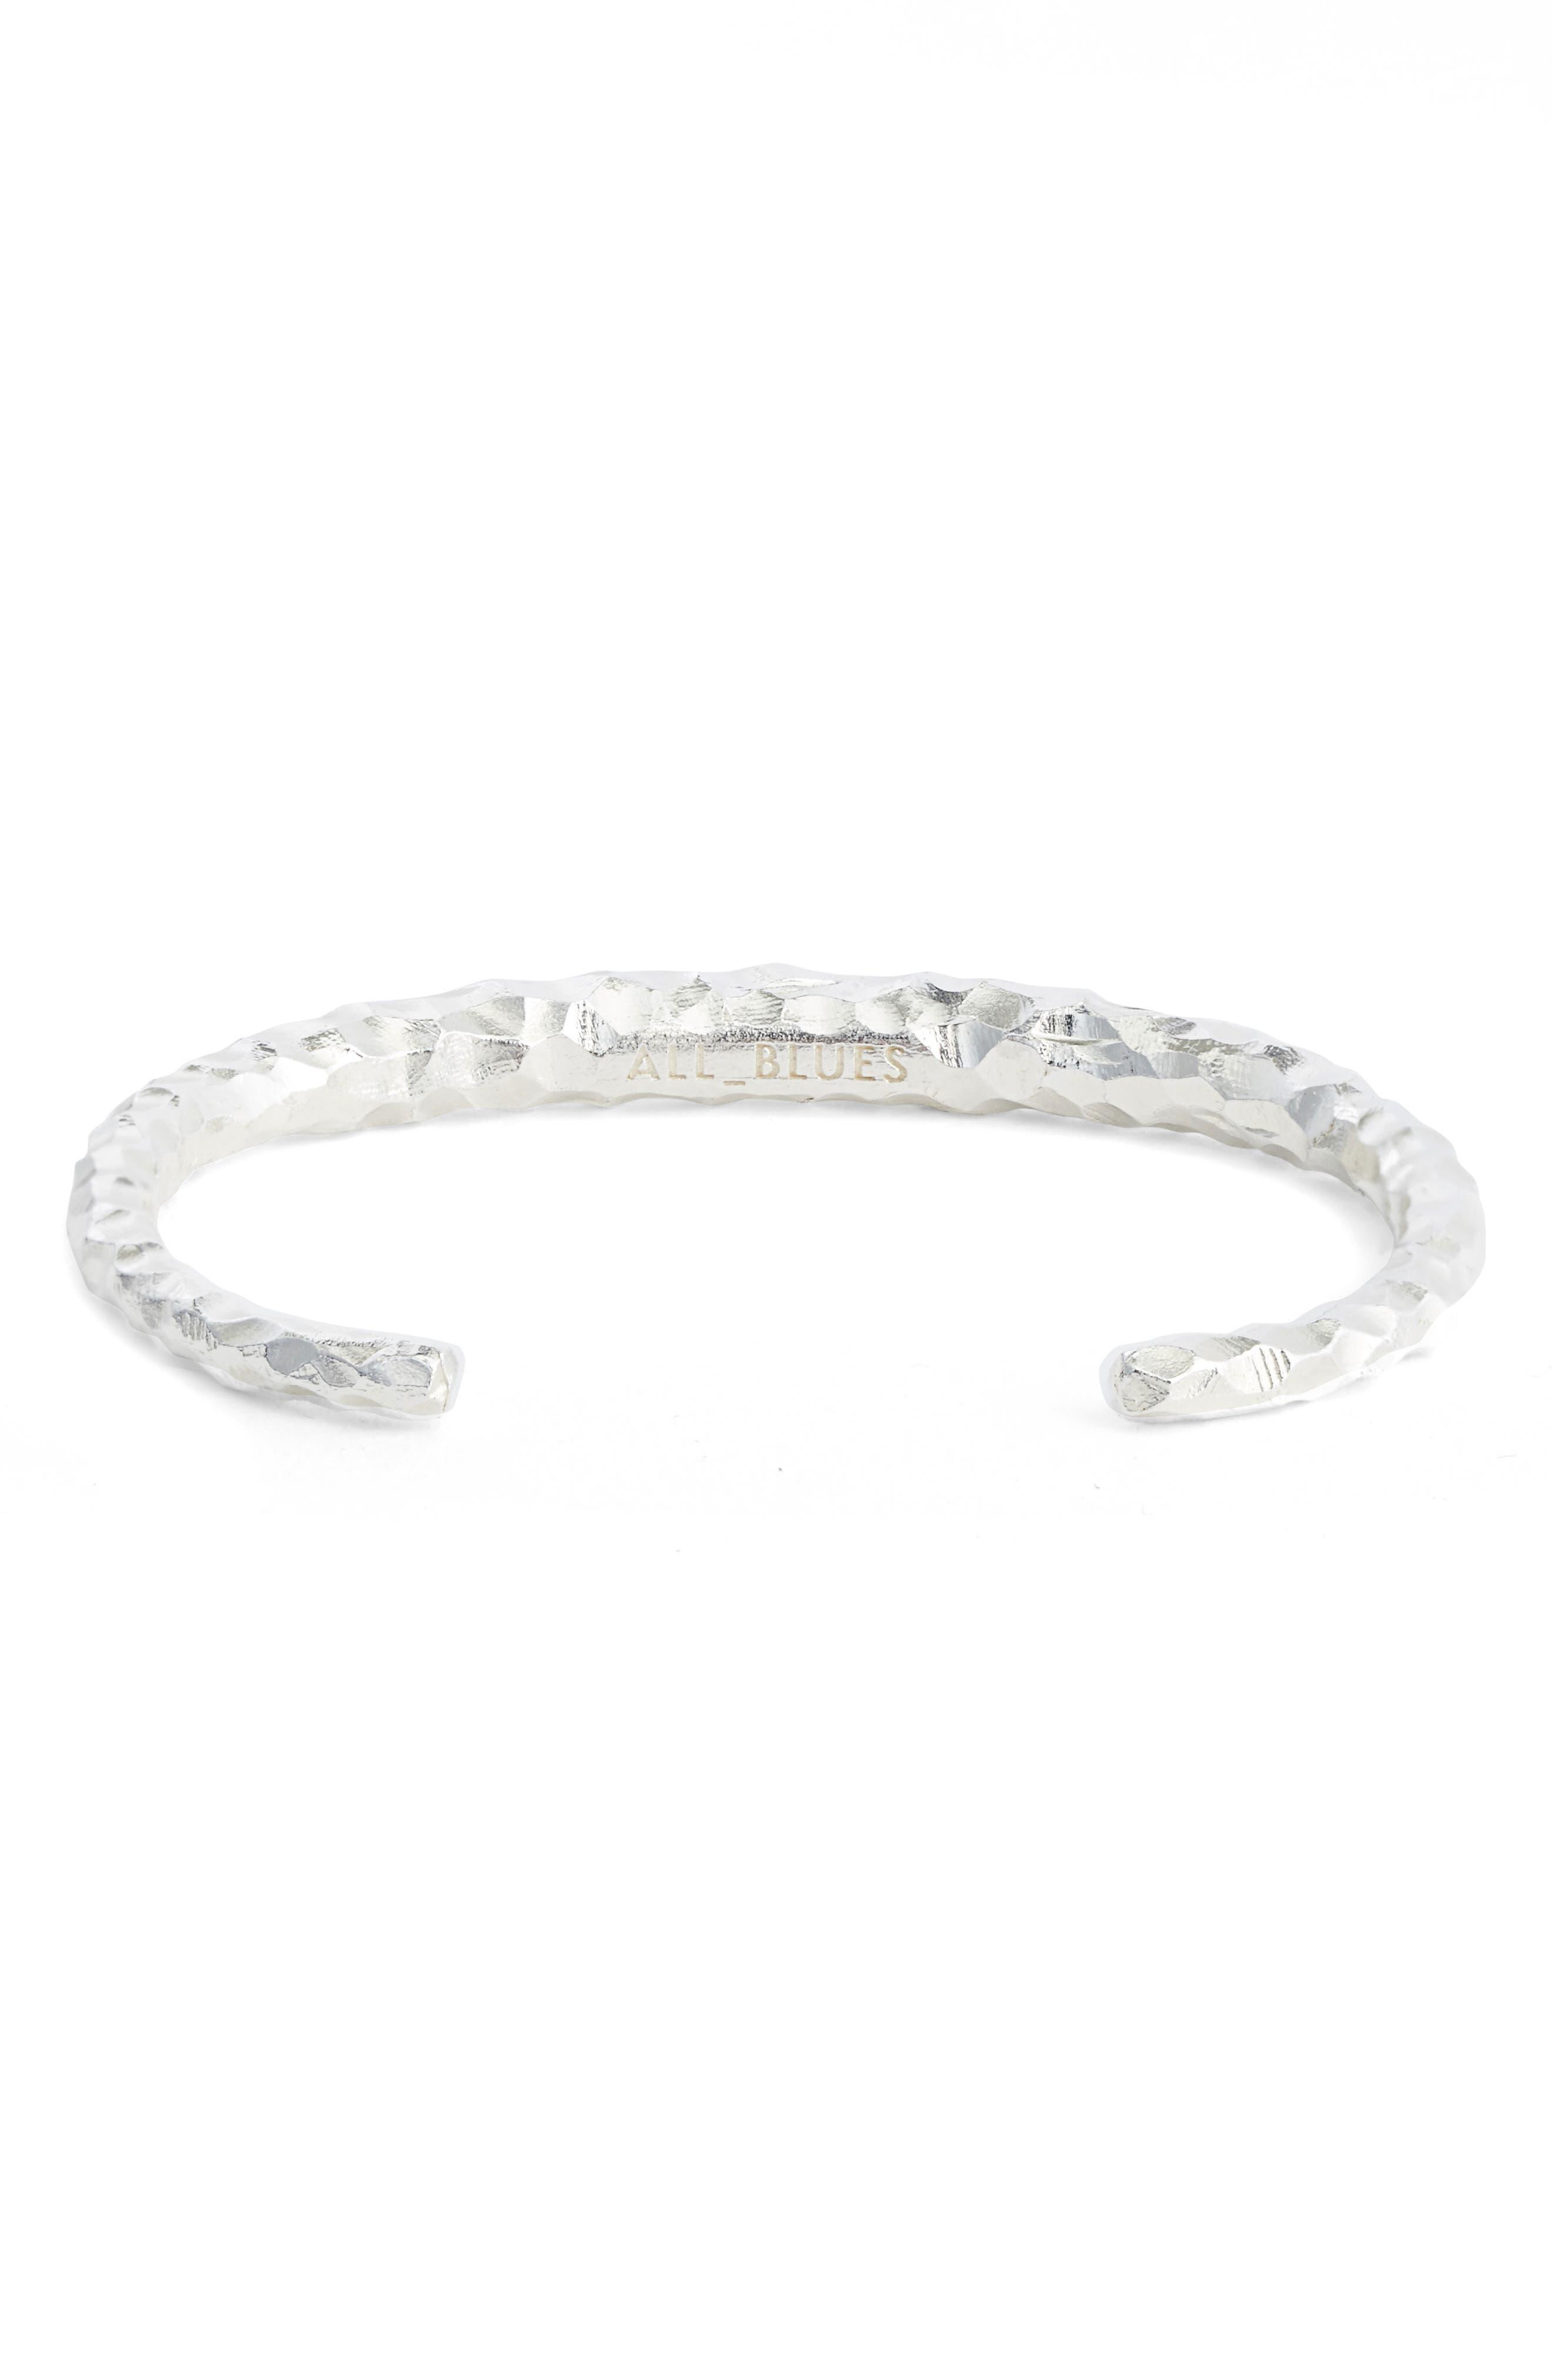 Large Snake Carved Silver Bracelet,                         Main,                         color, Cs Carved Silver